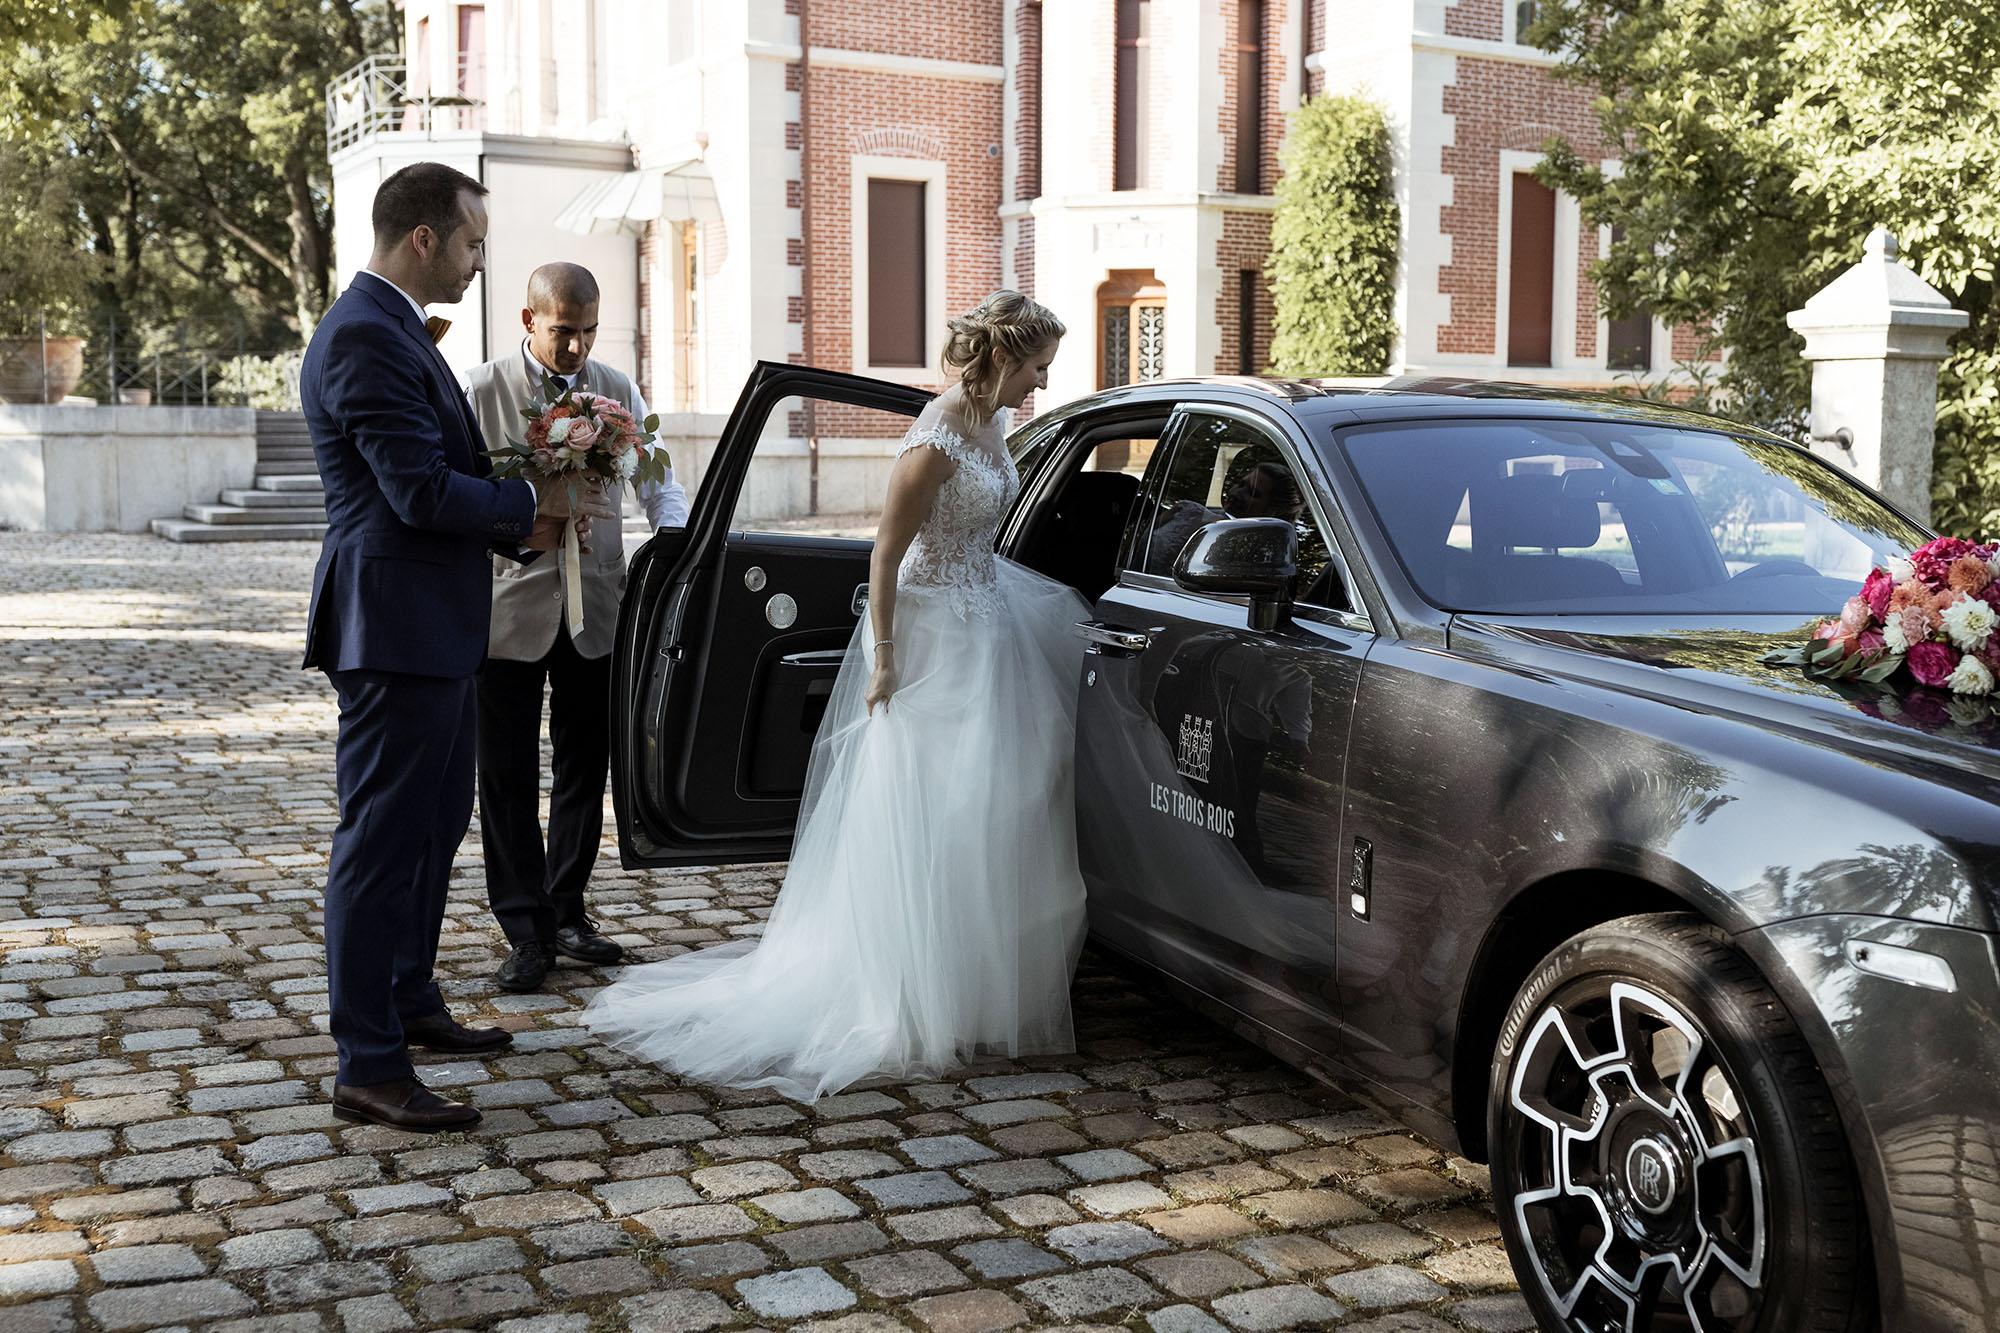 Hochzeit Hirzen Pavillon Riehen - Abfahrt zum Fest am Abend